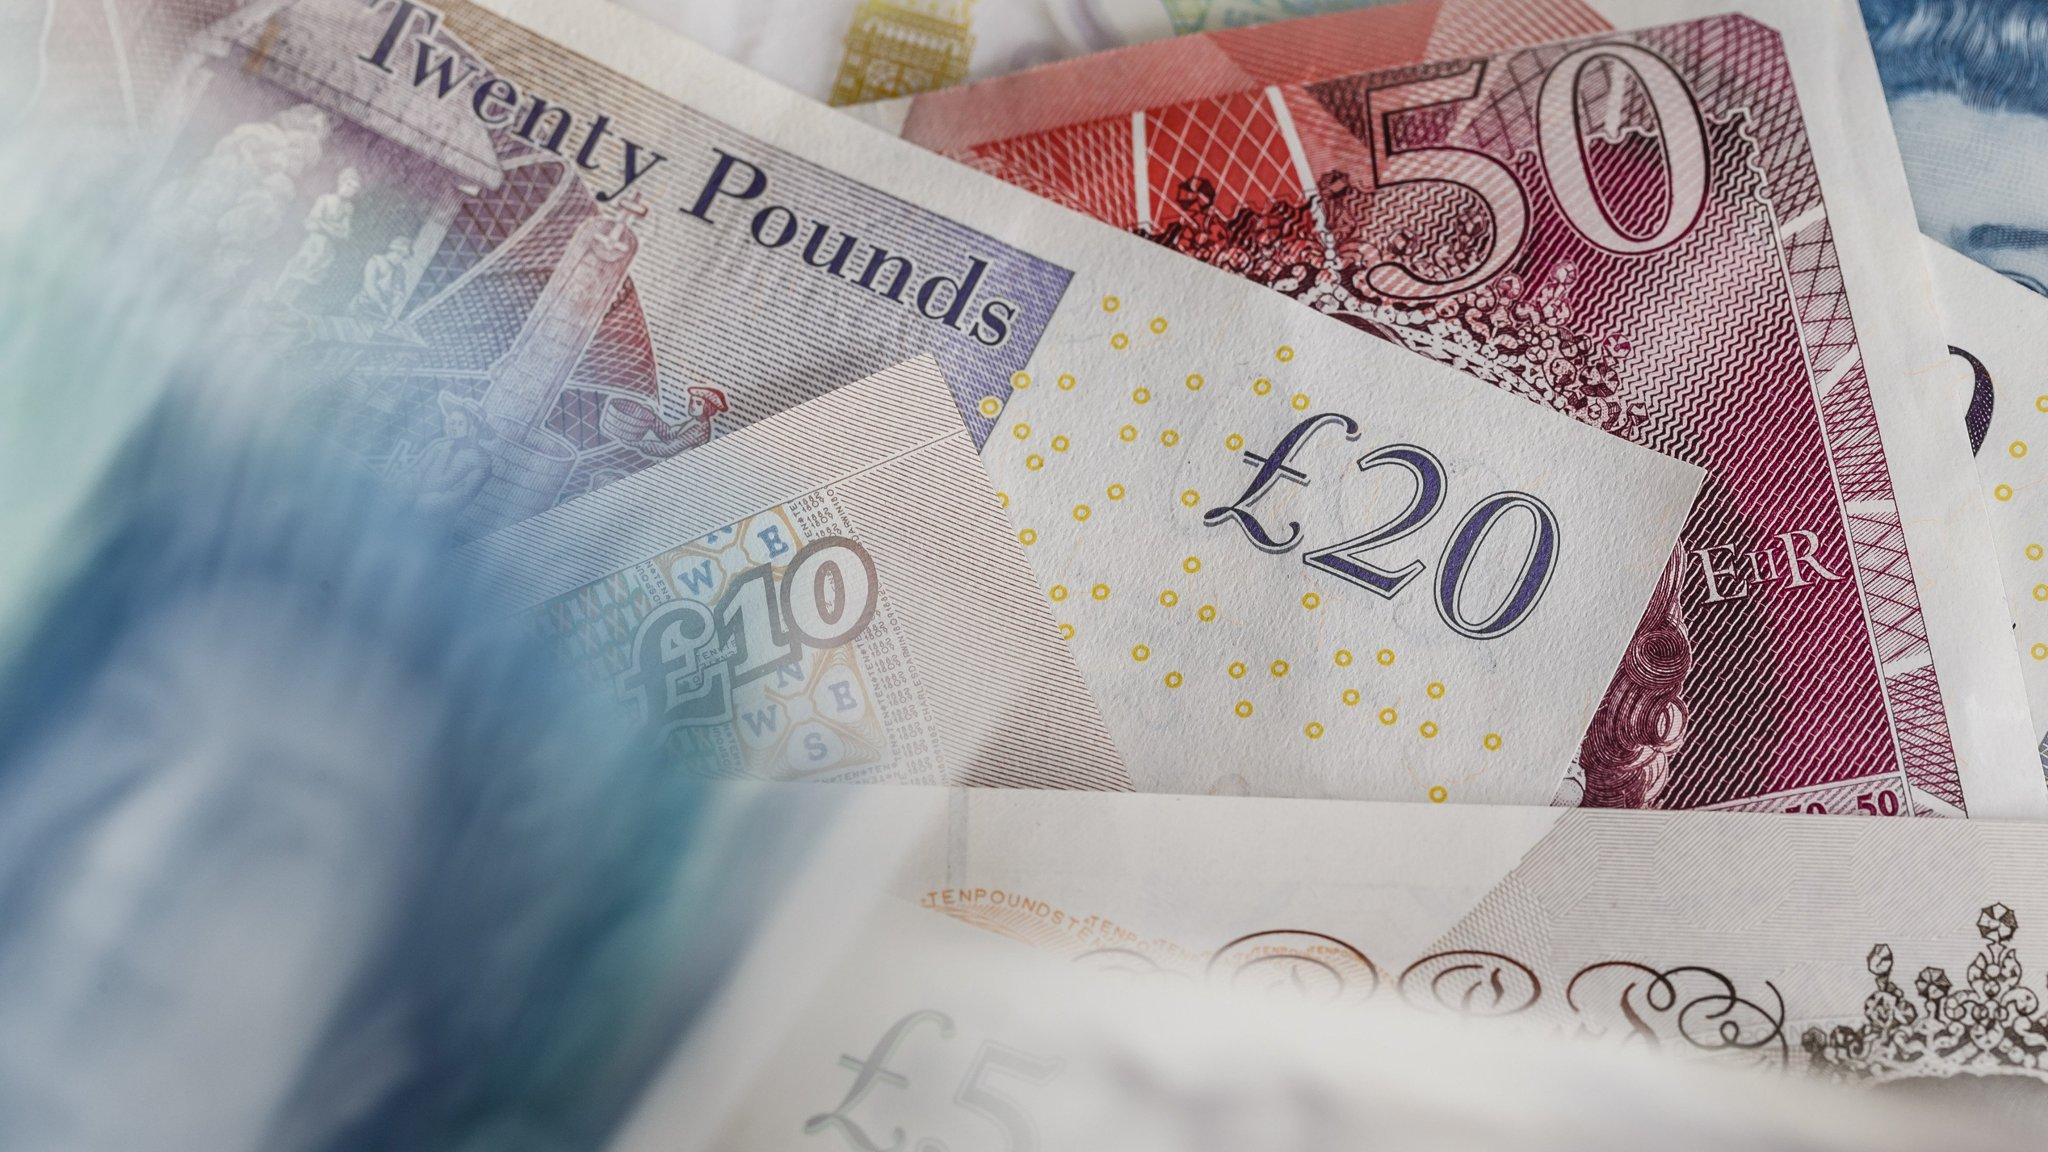 Money loans in monroe la photo 4